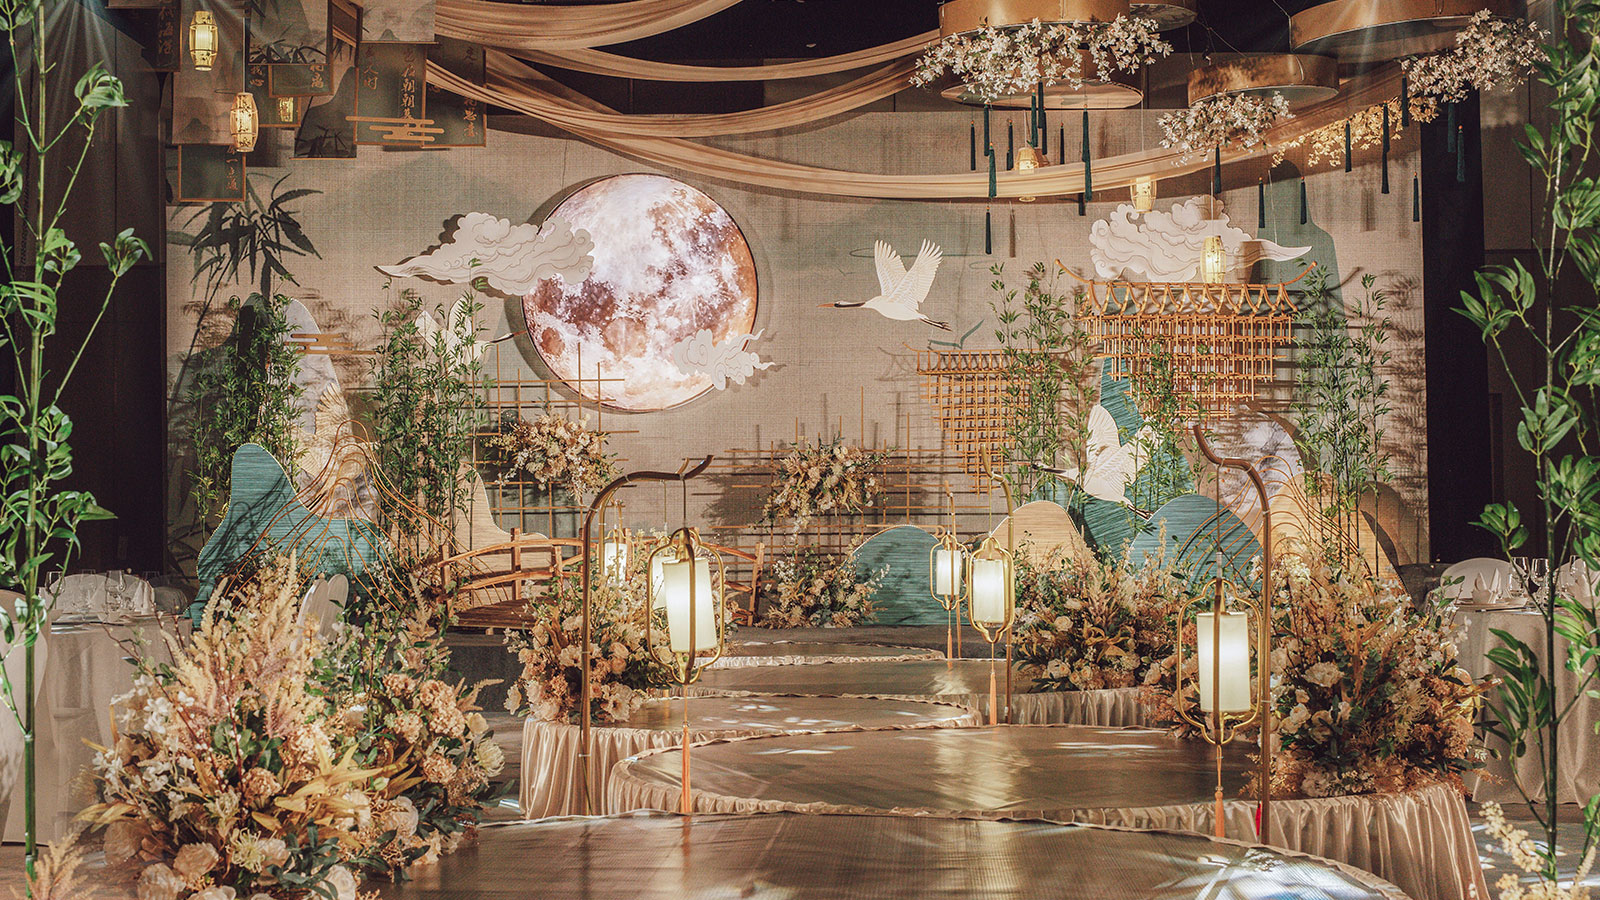 芜湖县婚礼策划方案:明月清风